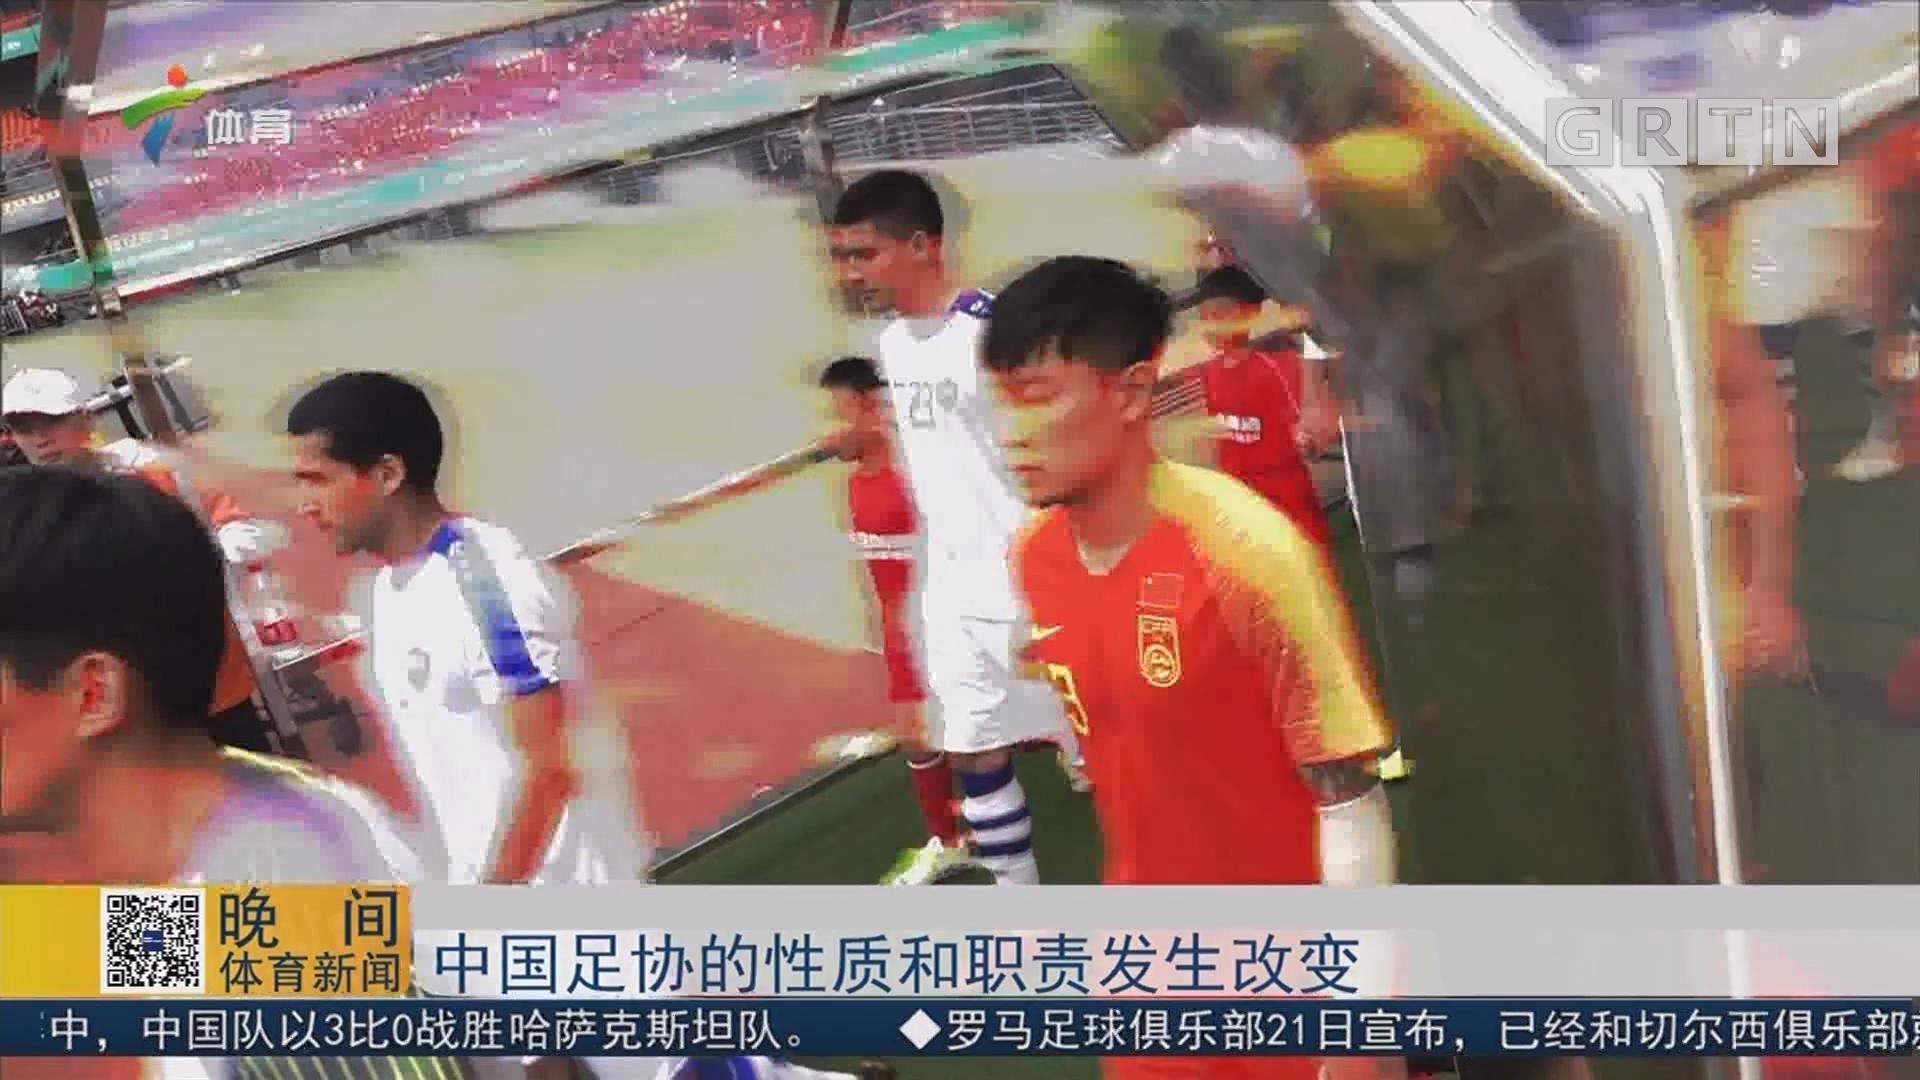 中国足协的性质和职责发生改变